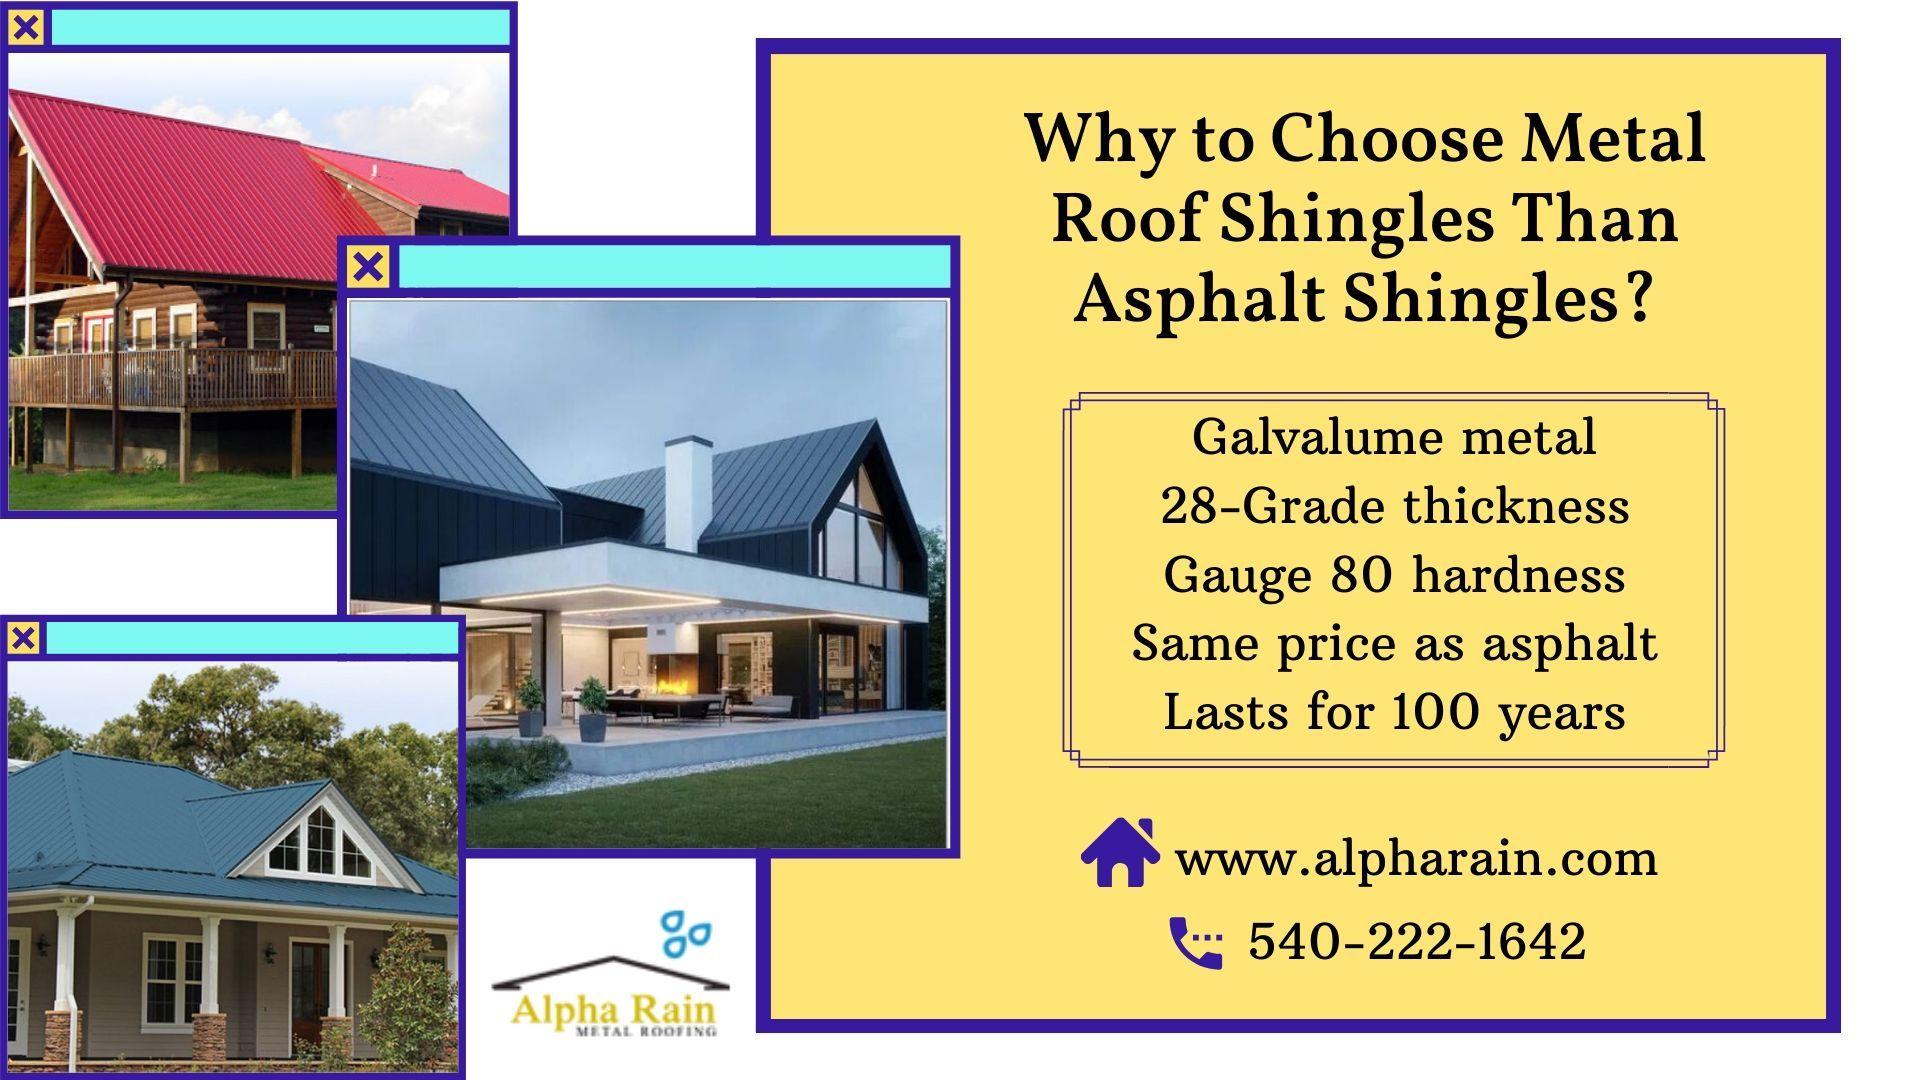 Why To Choose Metal Roof Shingles Than Asphalt Shingles In 2020 Metal Shingle Roof Asphalt Shingles Metal Shingles